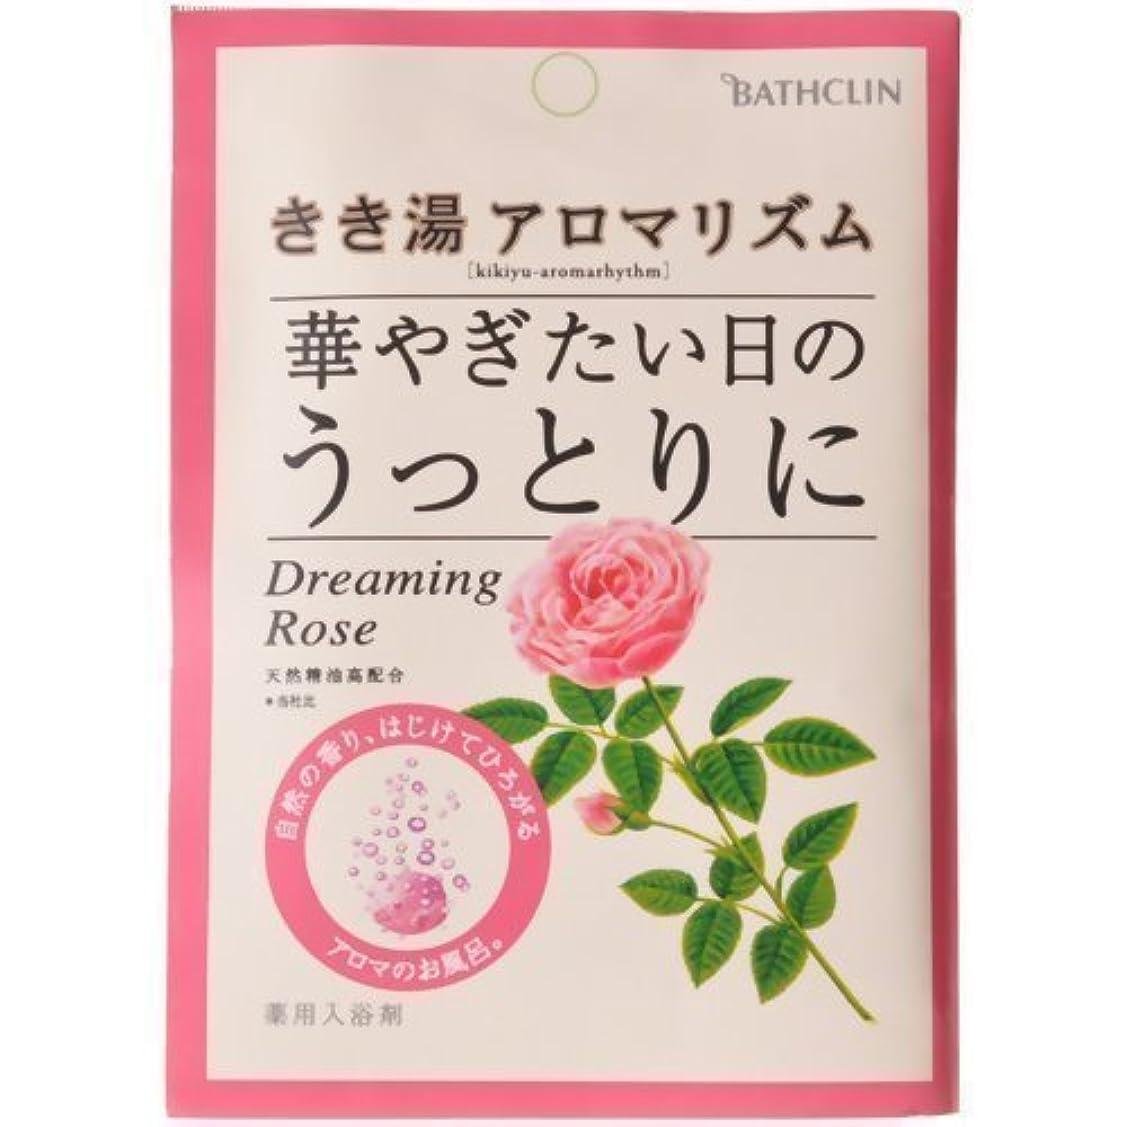 ご予約夜明けに百【まとめ買い】きき湯 アロマリズム ドリーミングローズの香り 30g ×6個